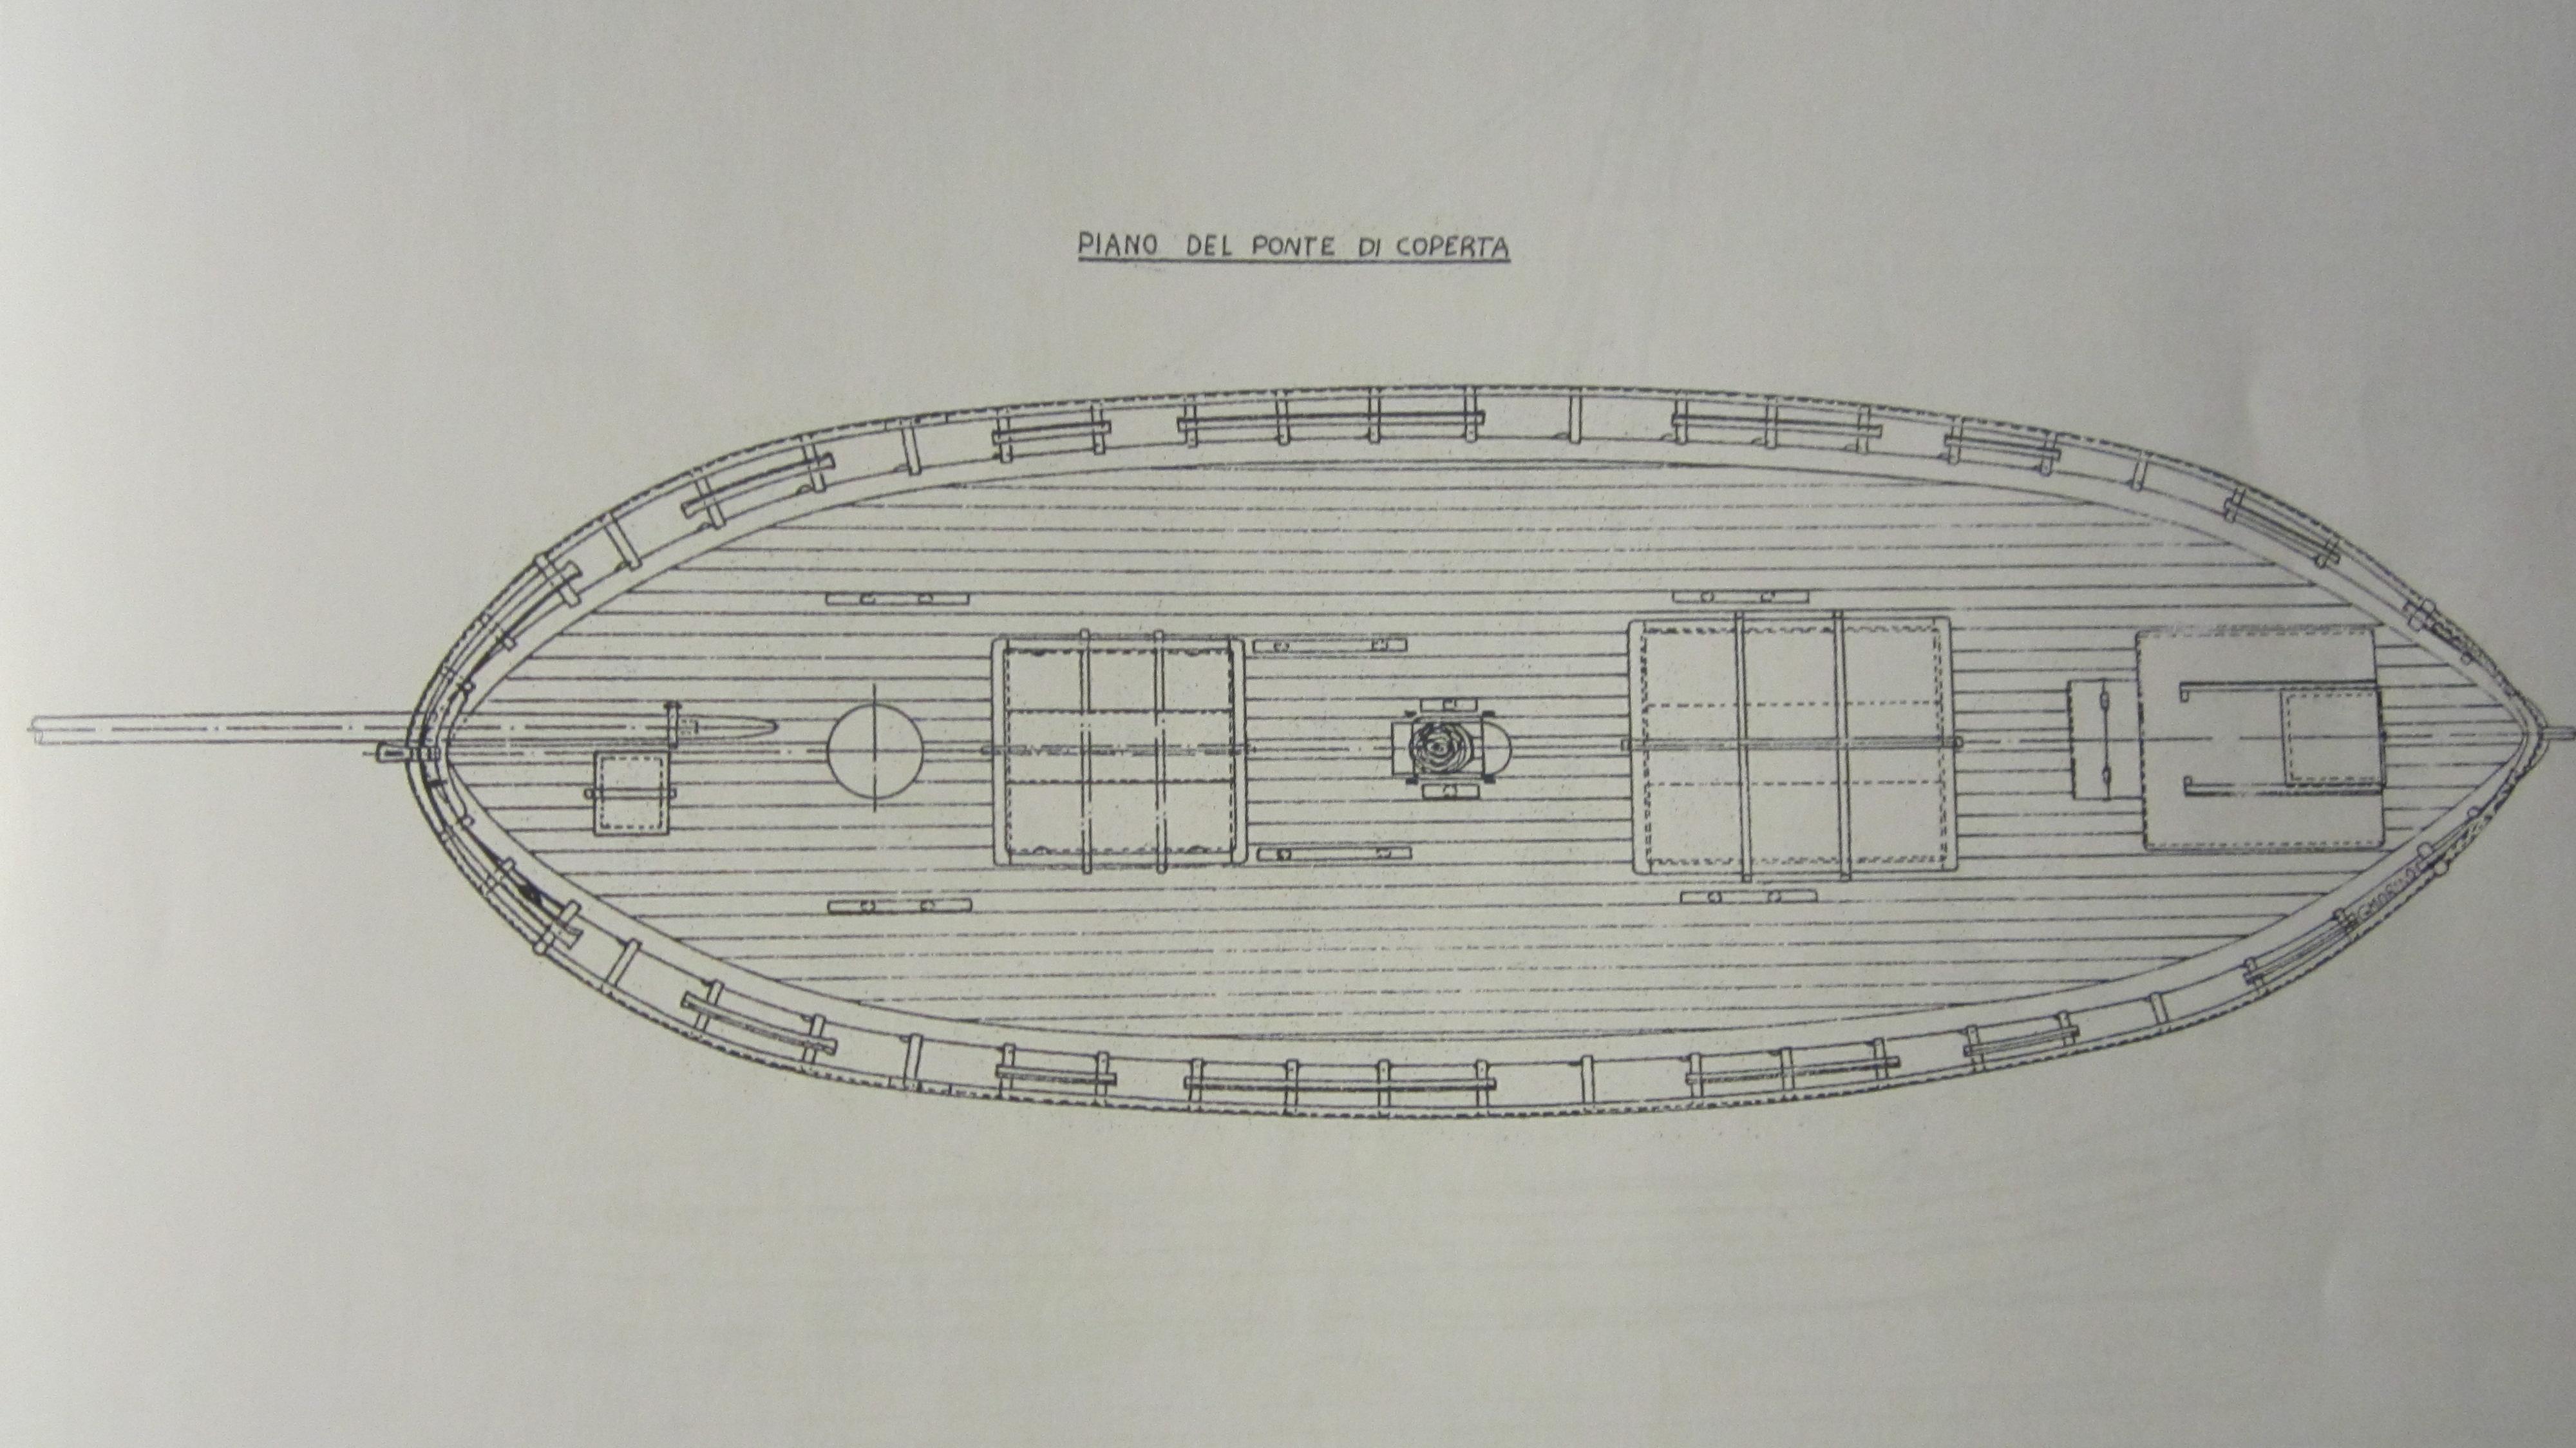 Navi e armatori approdi di passione for 12x12 piani di coperta autoportanti